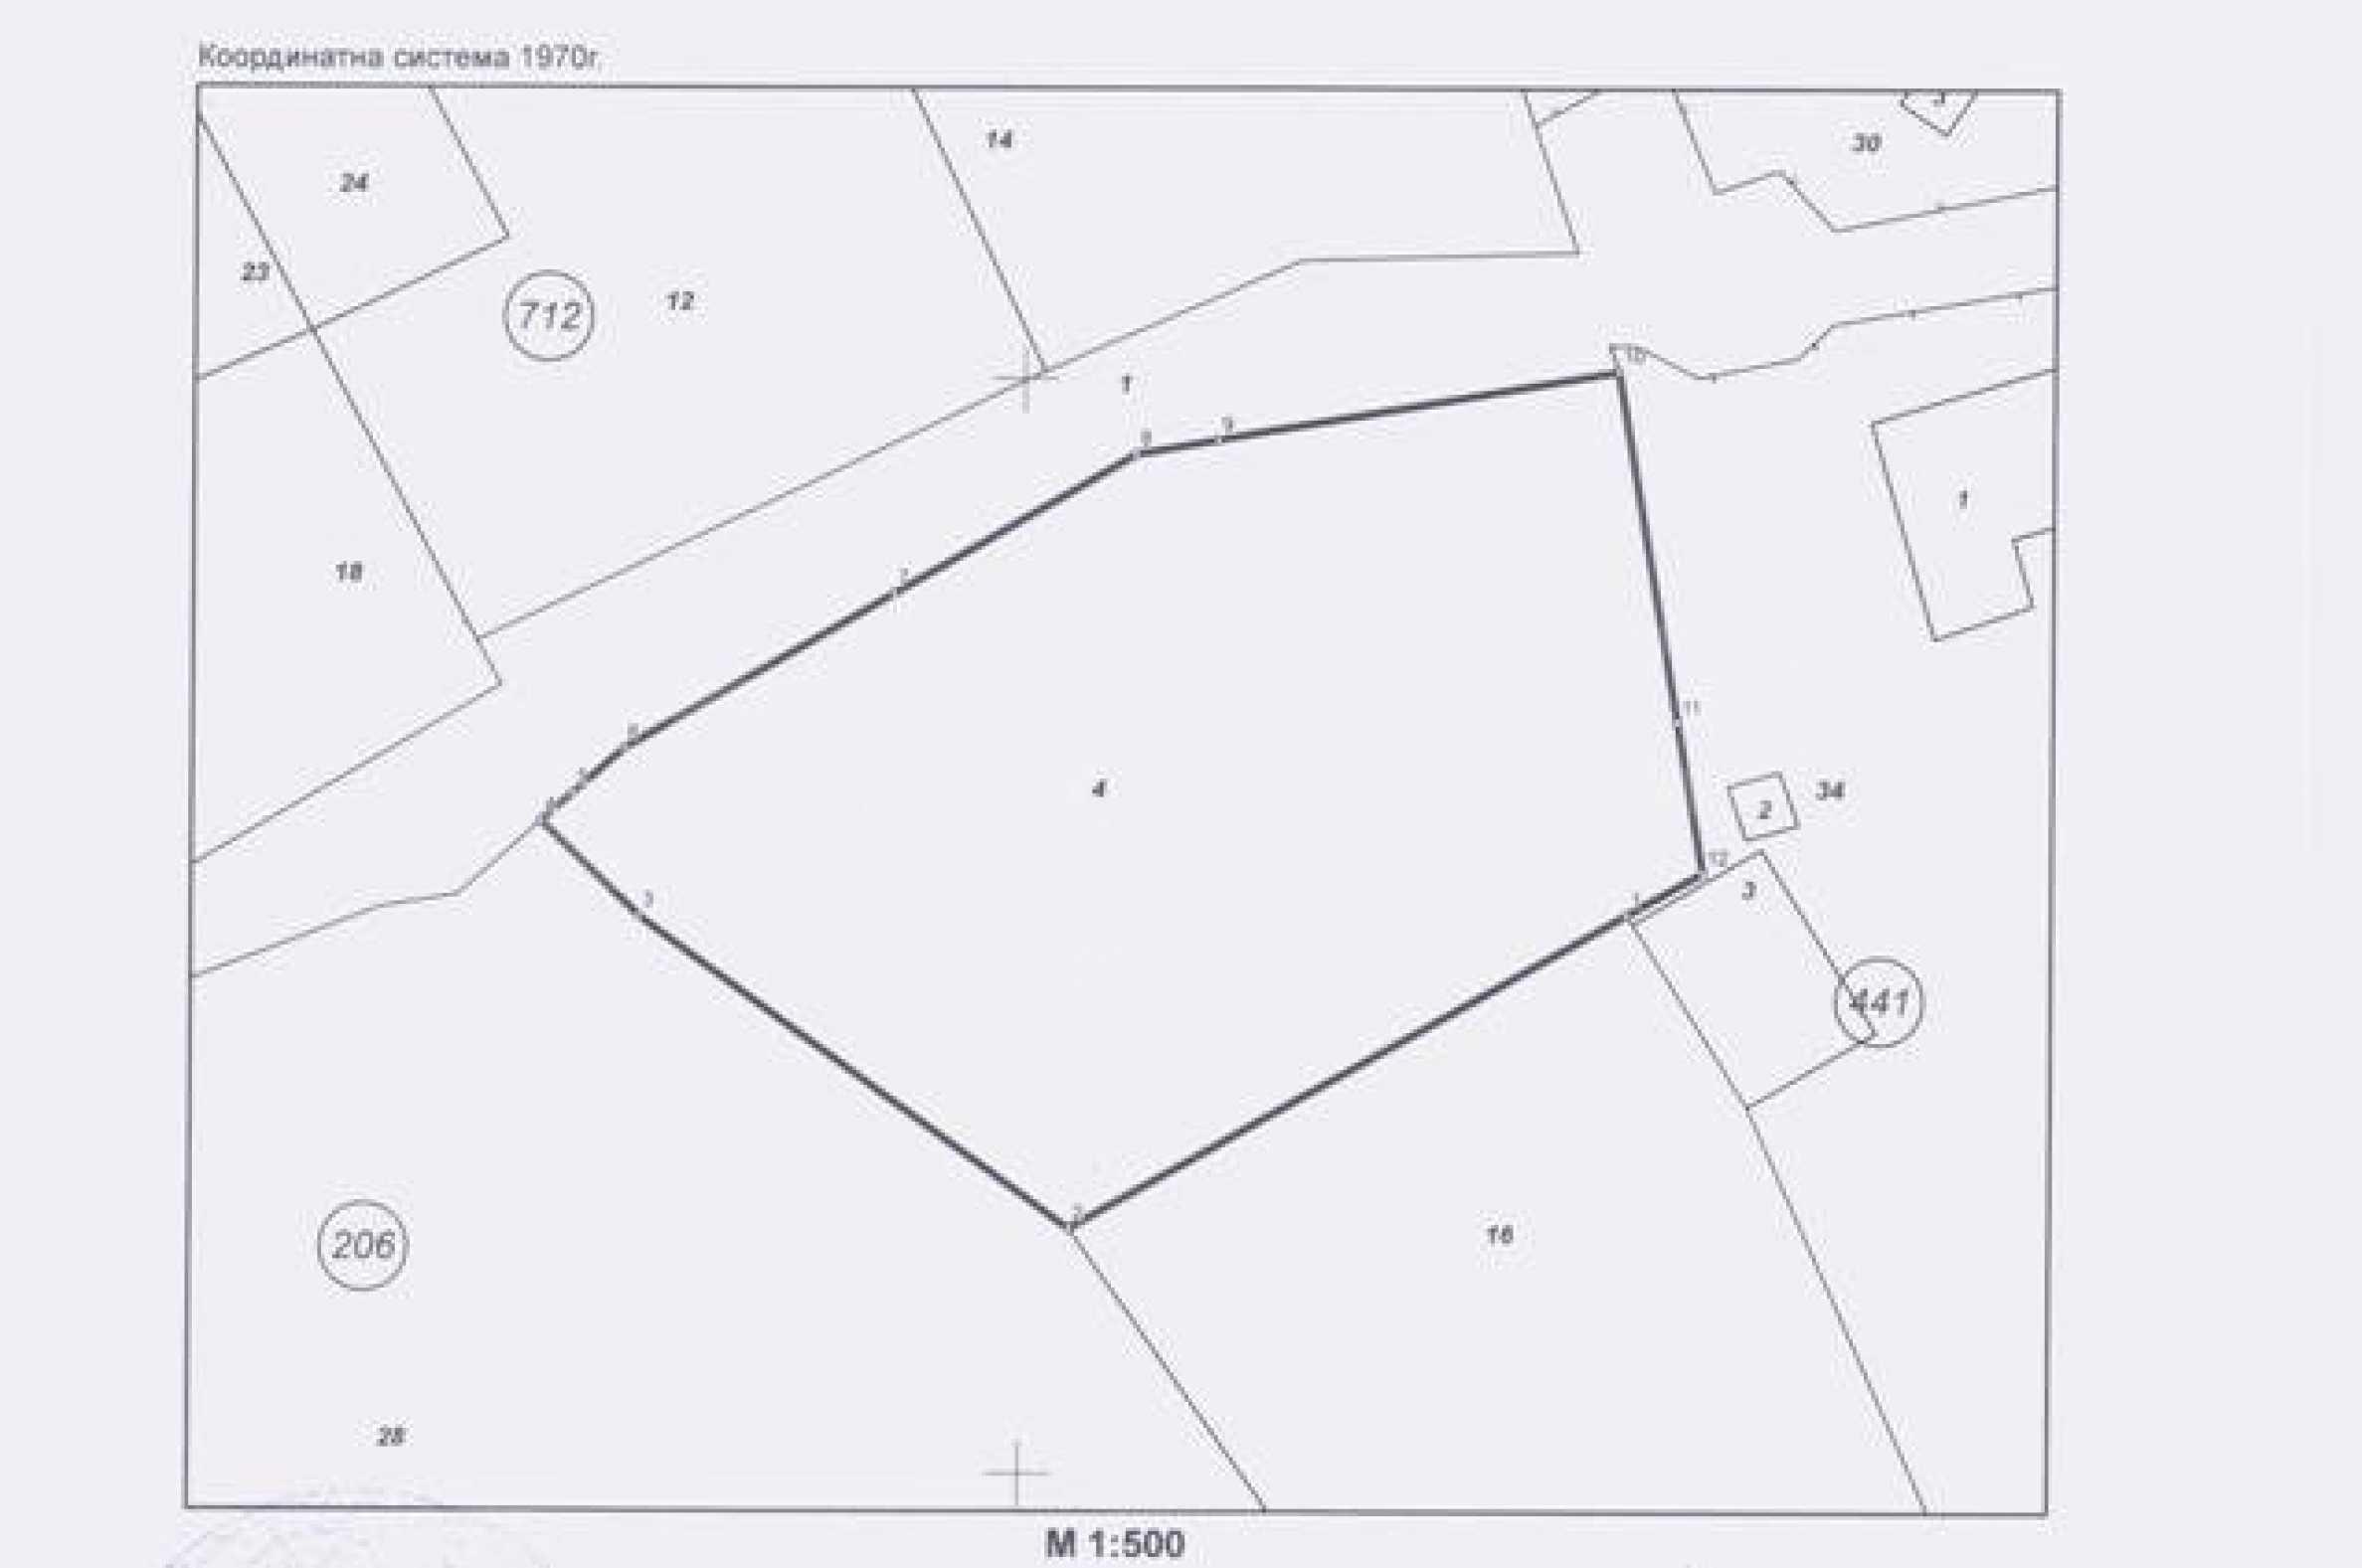 Grundstück zum Verkauf in einem Dorf 5 km von Tryavna entfernt 14